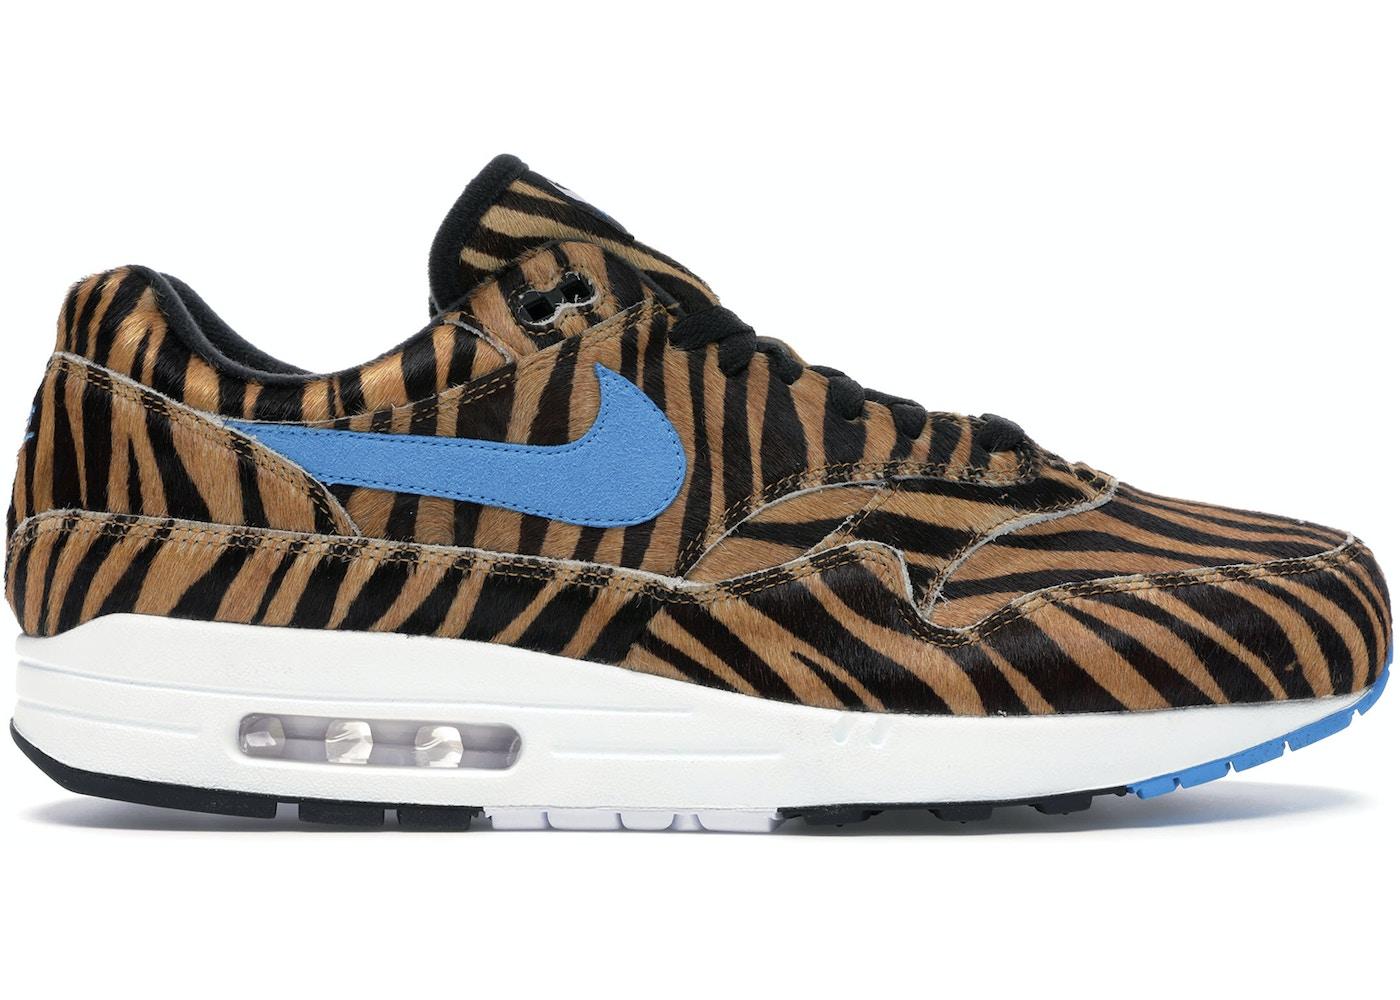 culto Civilizzare profondamente  Nike Air Max 1 Atmos Animal 3.0 Tiger - Sneakers